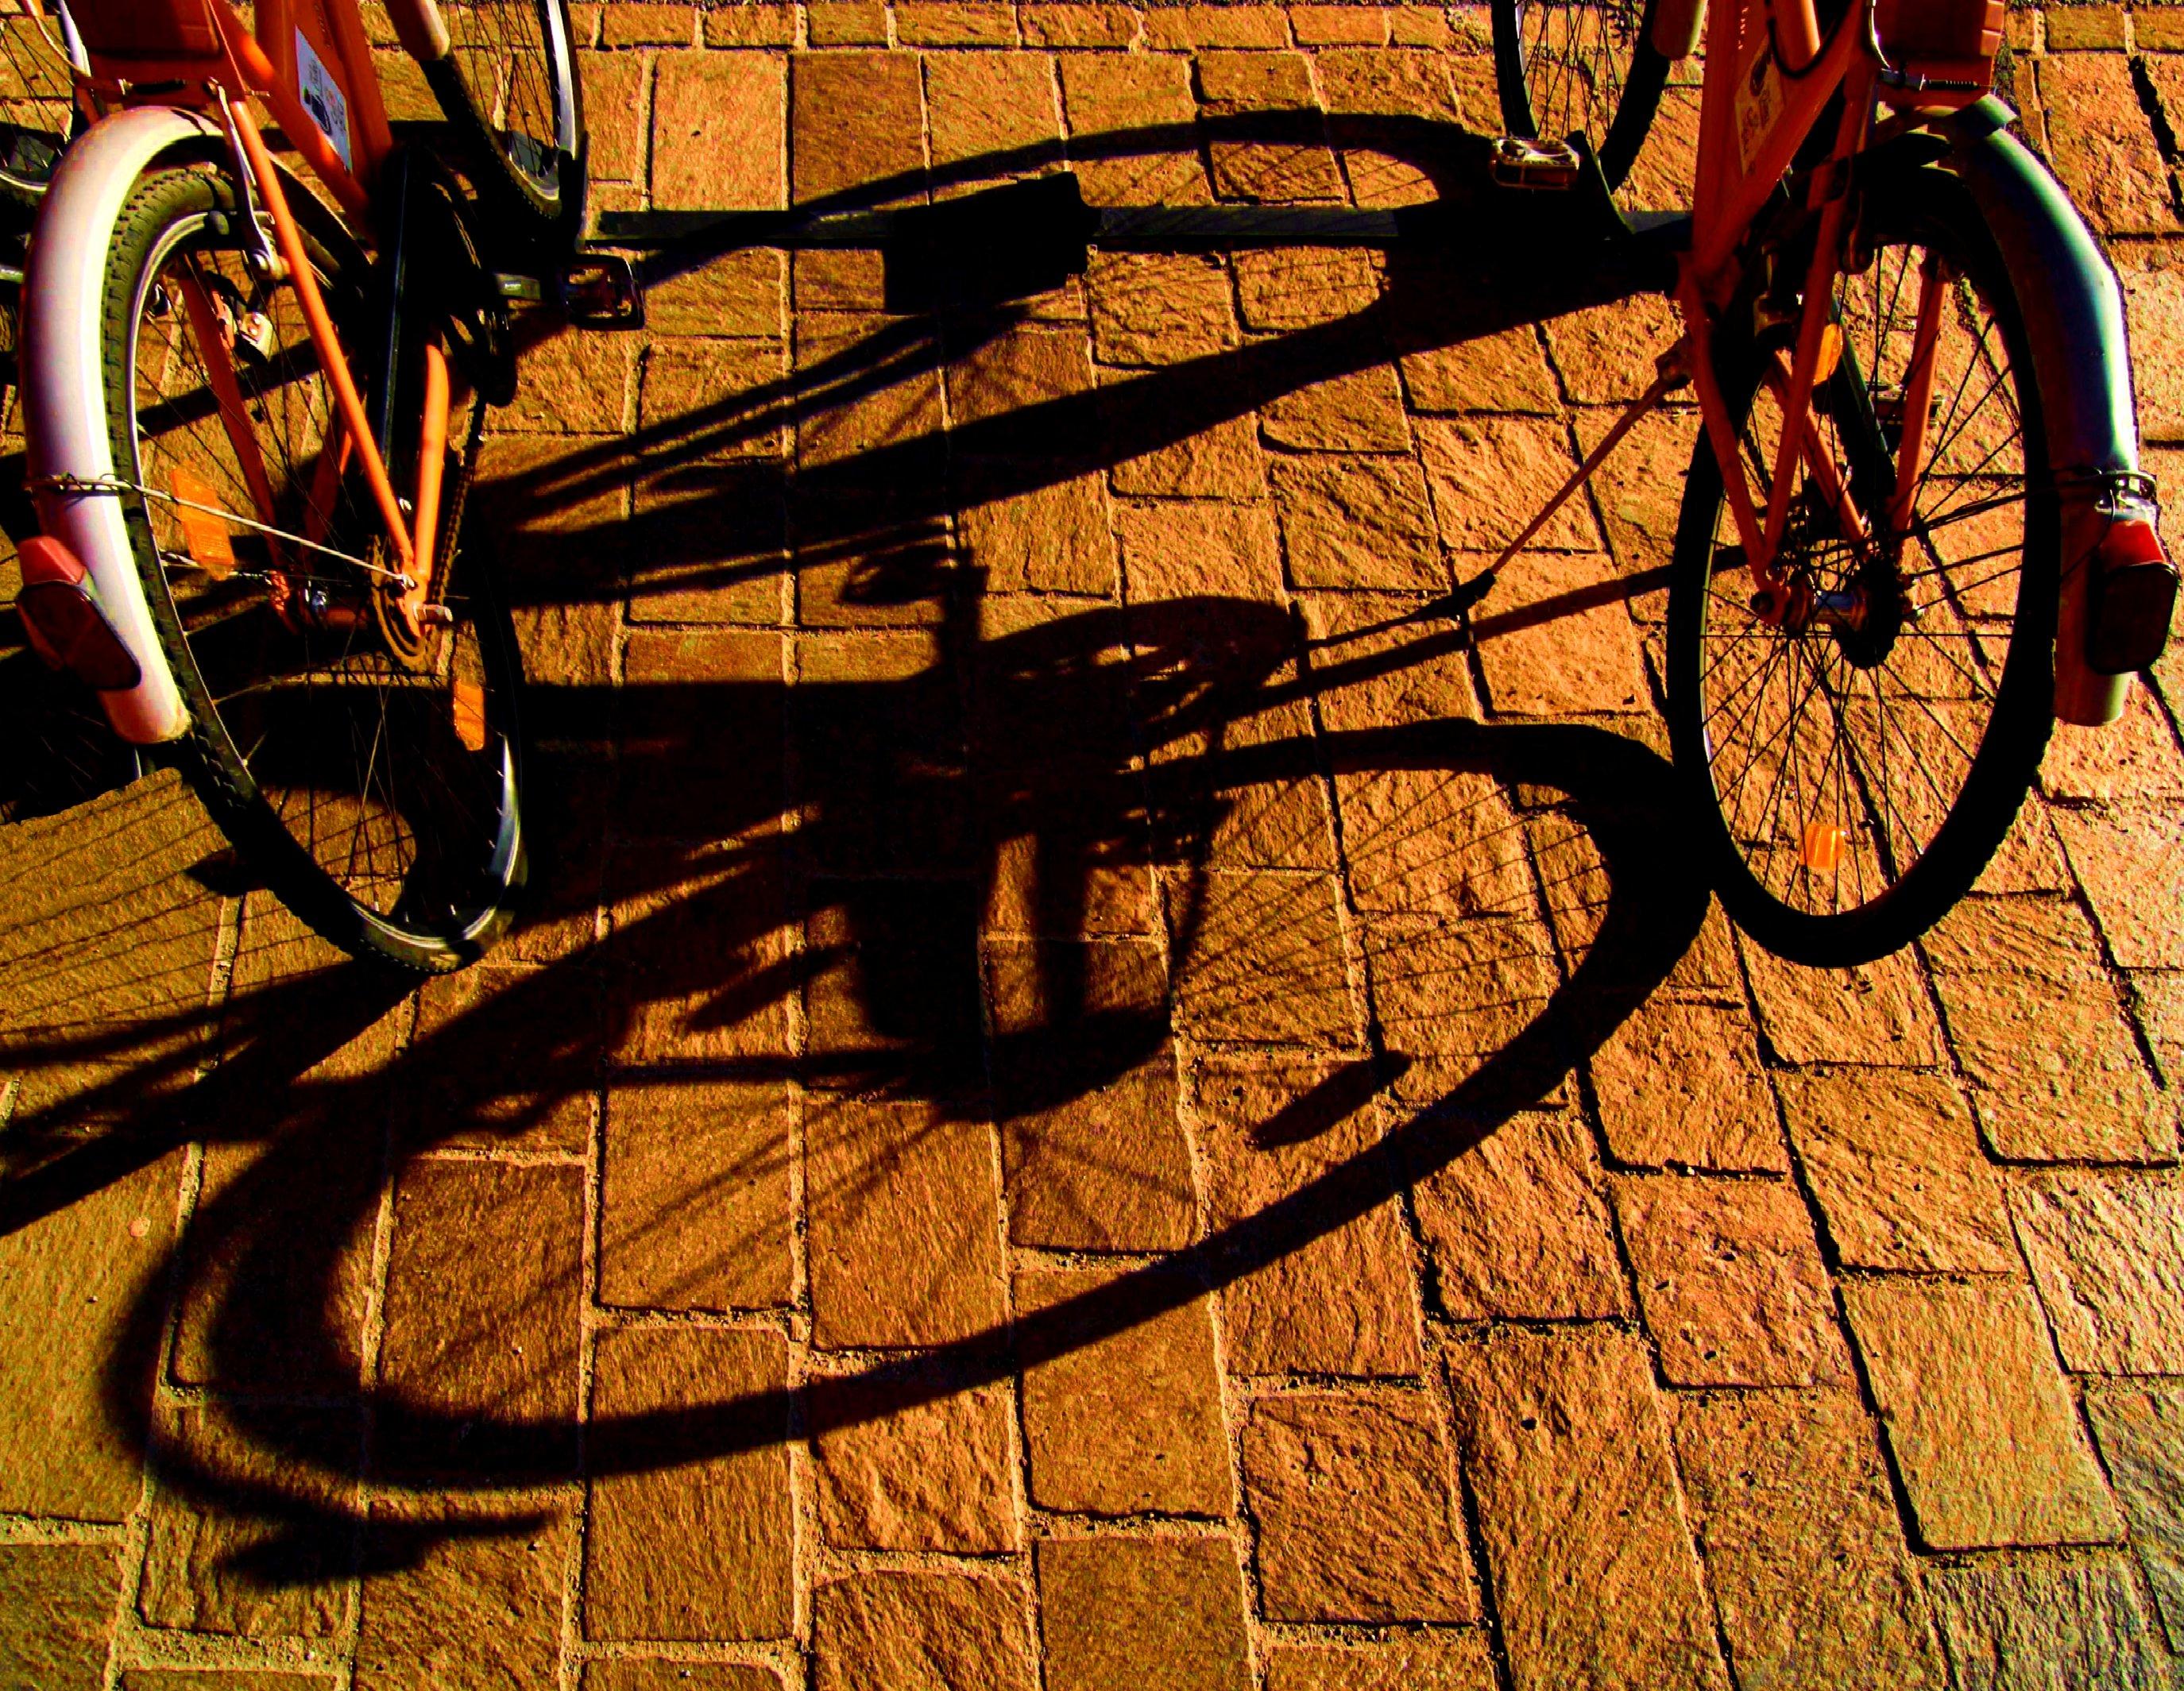 Hintergrundbilder : Schatten, Fahrzeug, Sonne, 2012, Rad, Sohle ...